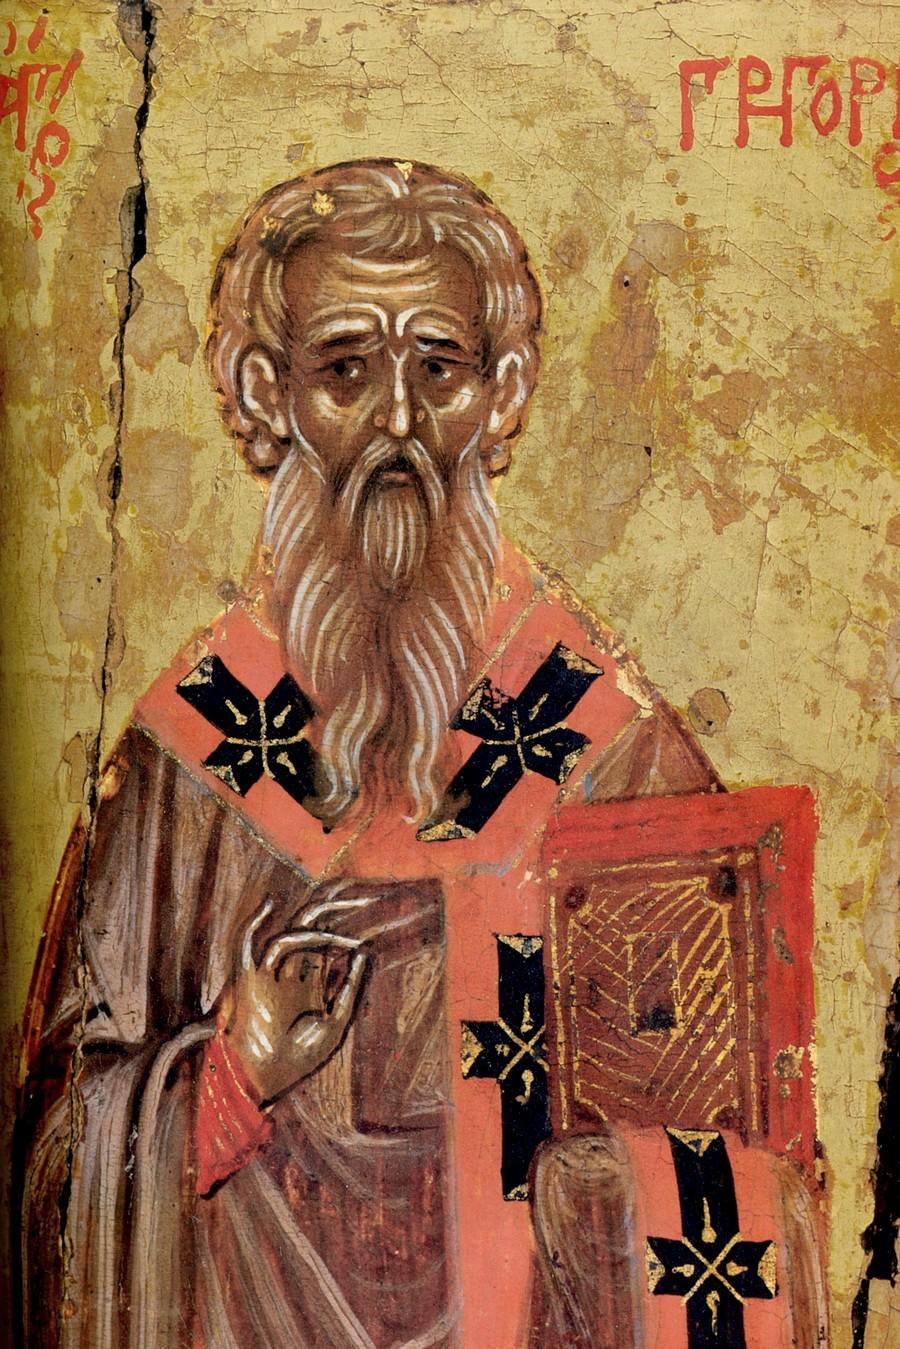 Священномученик Григорий, Просветитель Армении. Фрагмент греческой иконы середины XVII века. Монастырь Пантократора на Афоне.